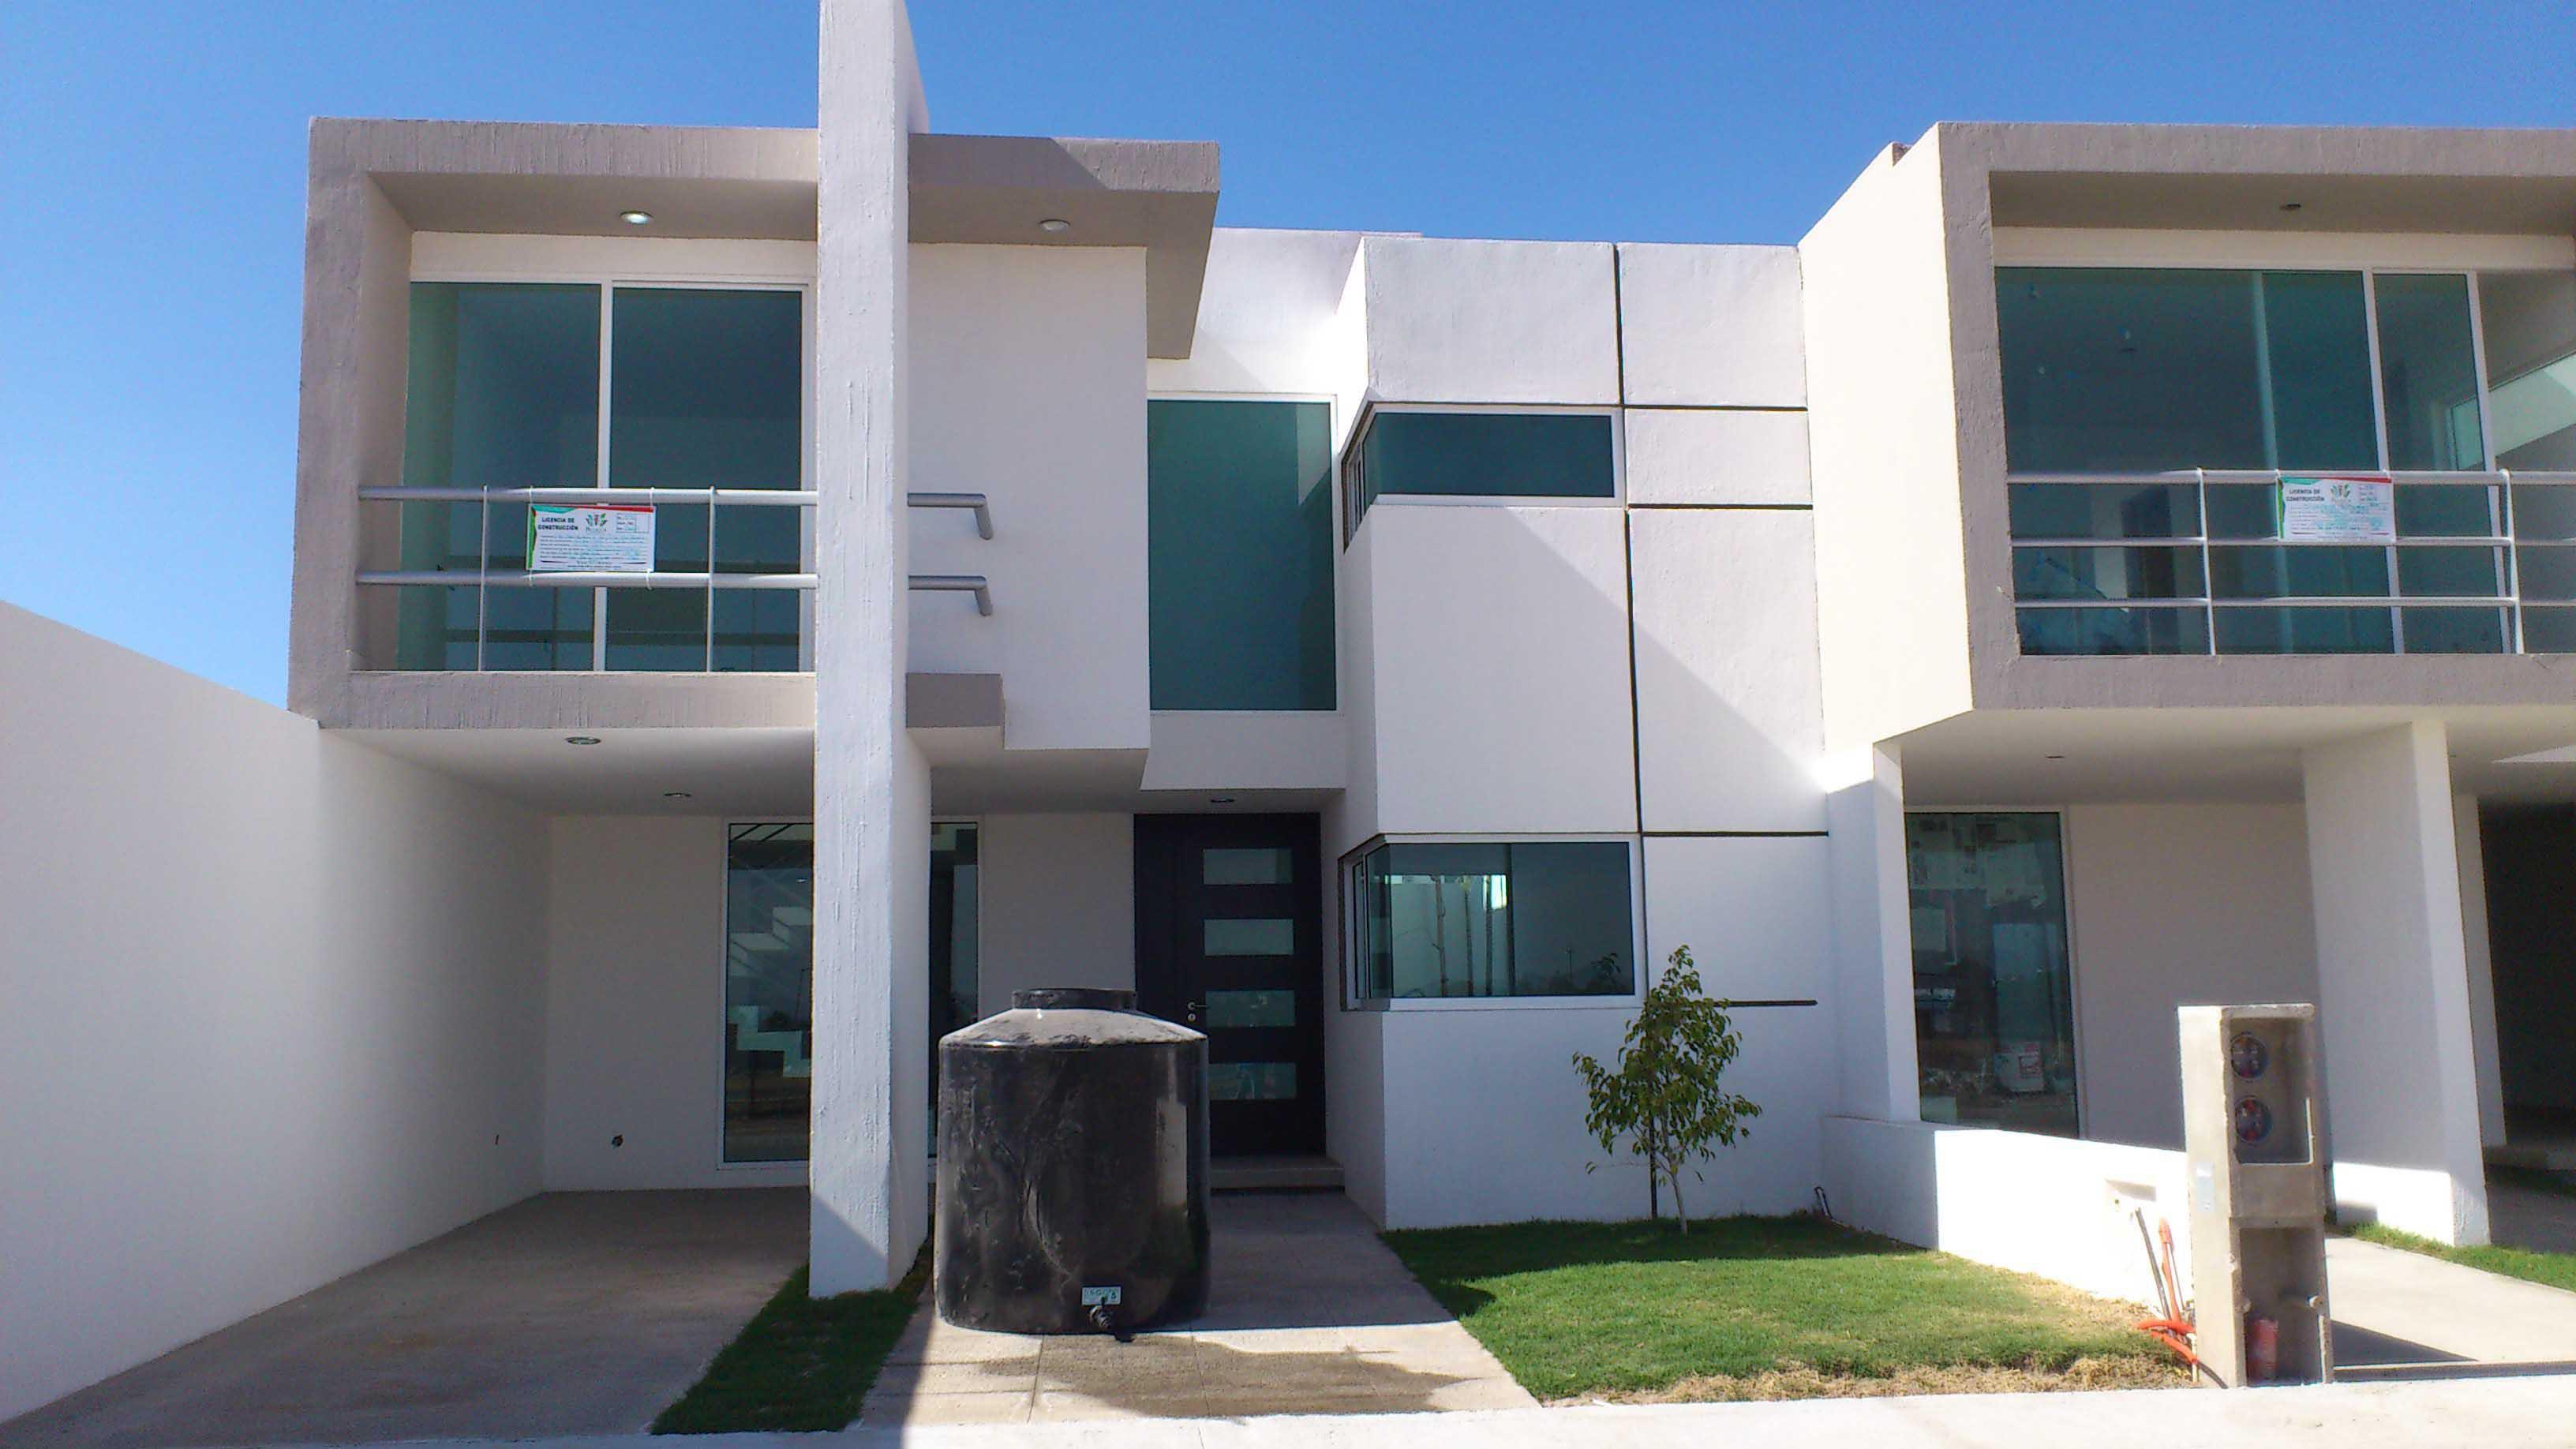 En residencial santa monica hay casas perfectas para ti for Casas modernas residenciales